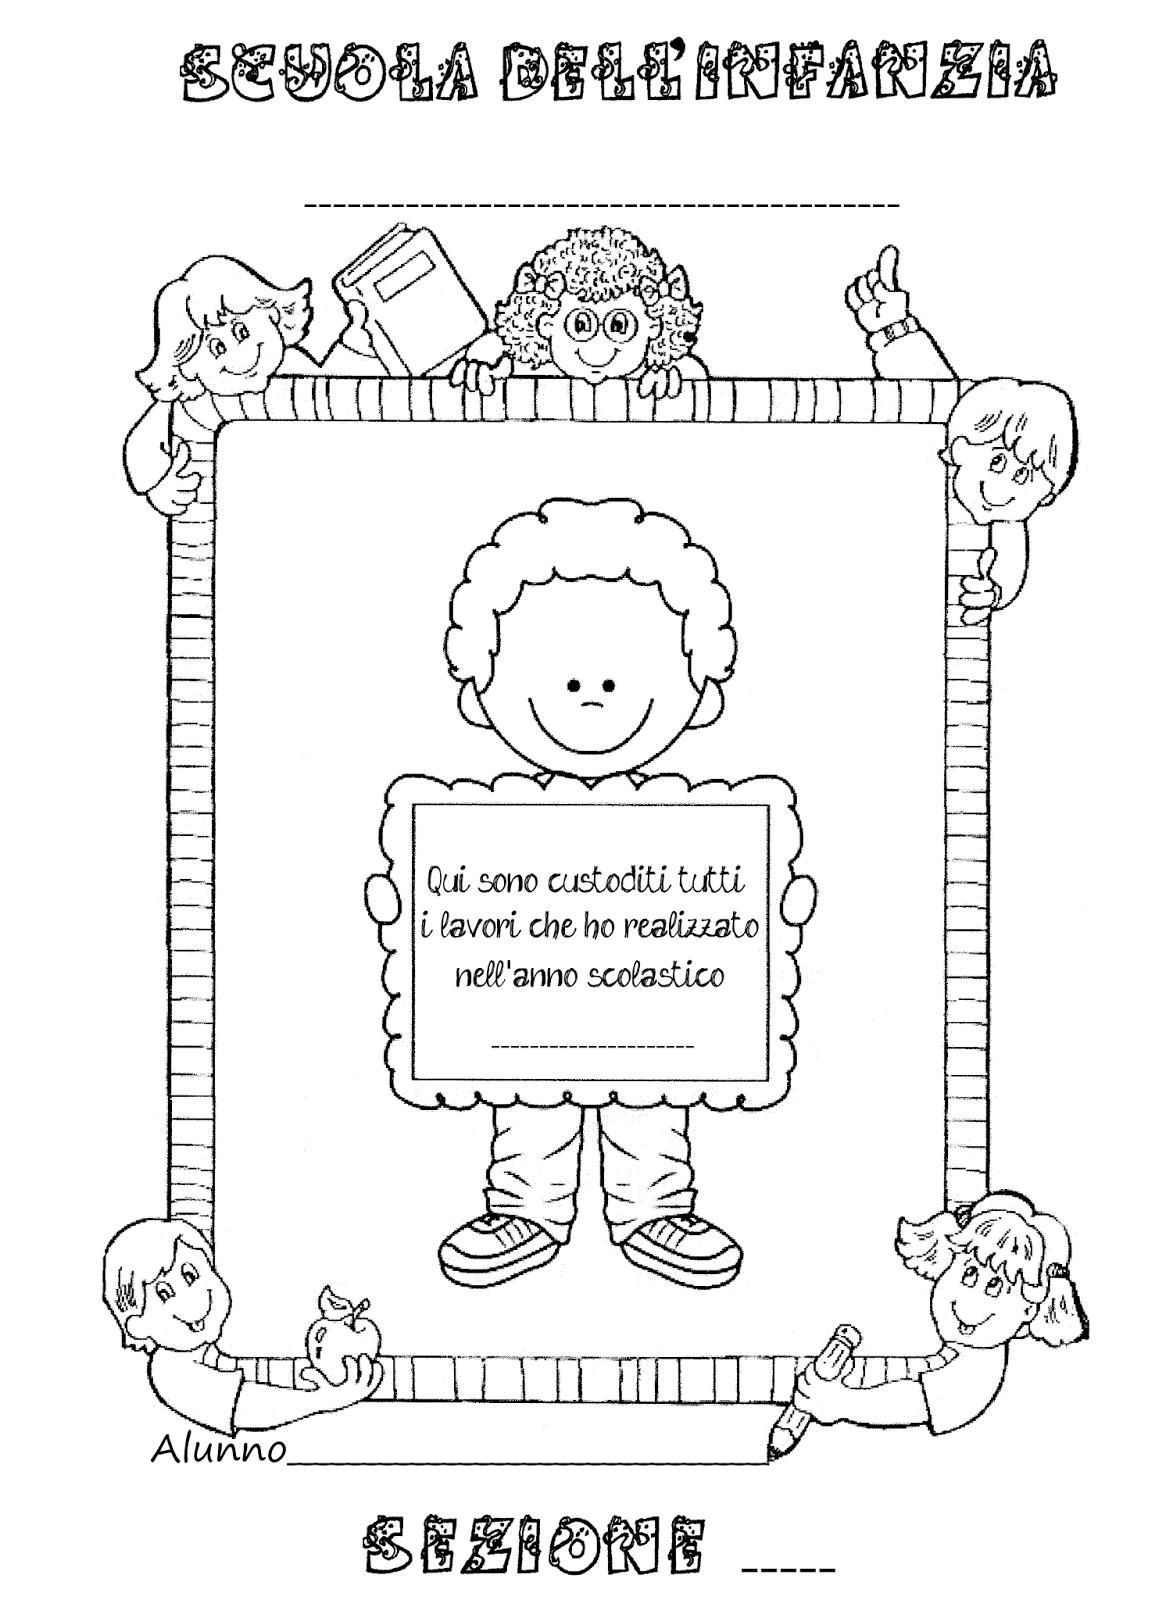 La maestra linda copertine per raccogliere i lavori dei for Maestra gemma diritti dei bambini